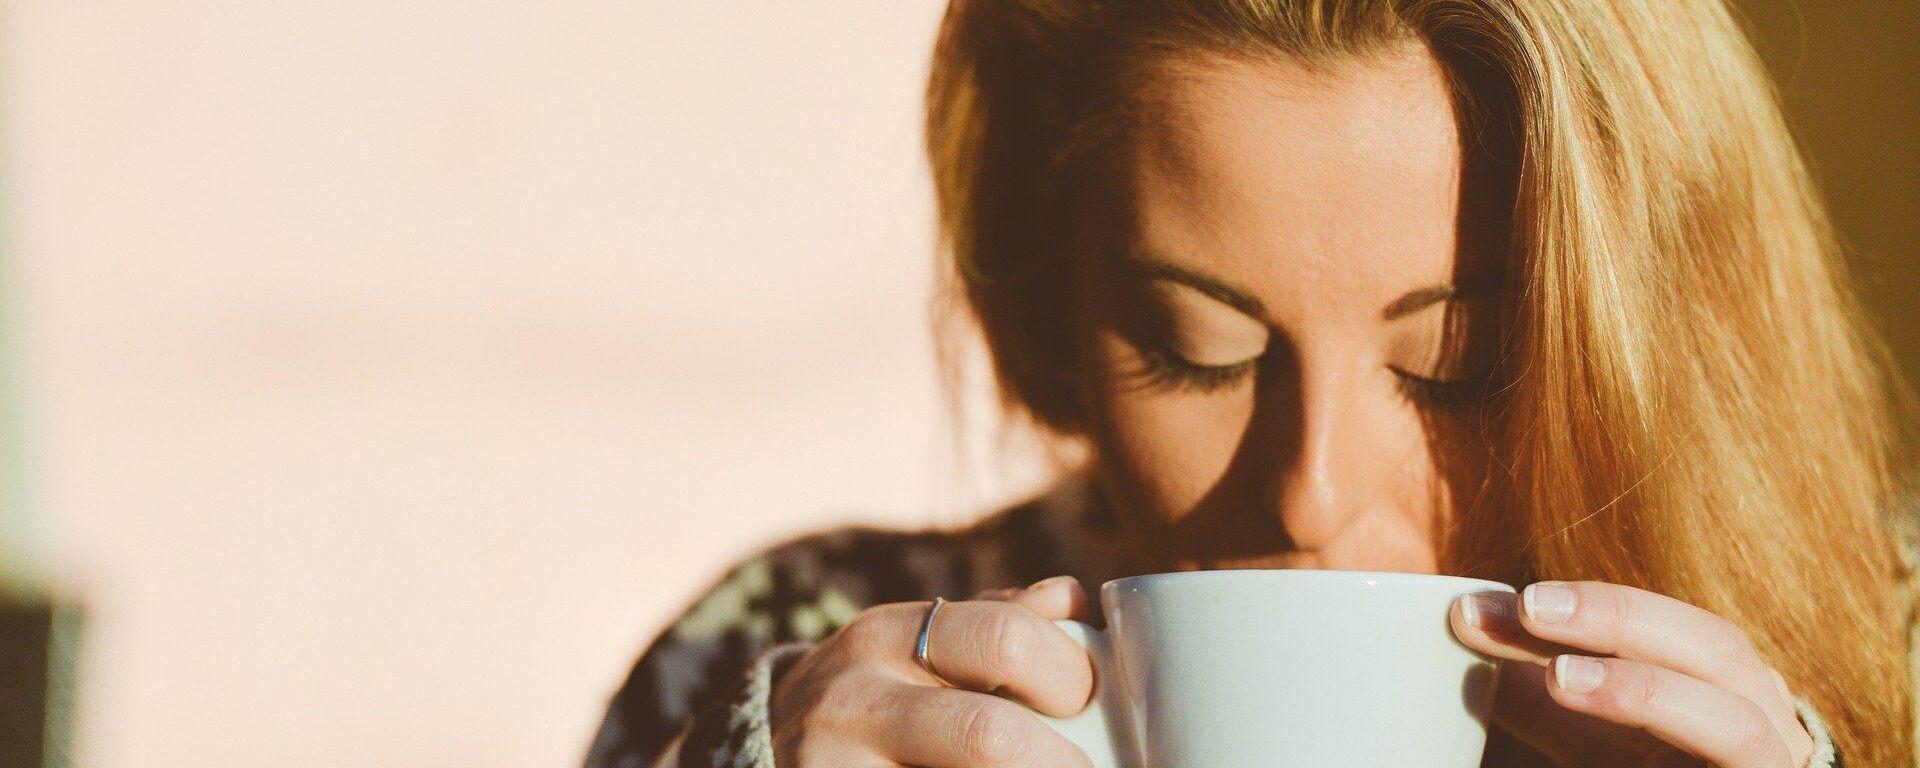 Una mujer toma café, referencial - Sputnik Mundo, 1920, 12.08.2021